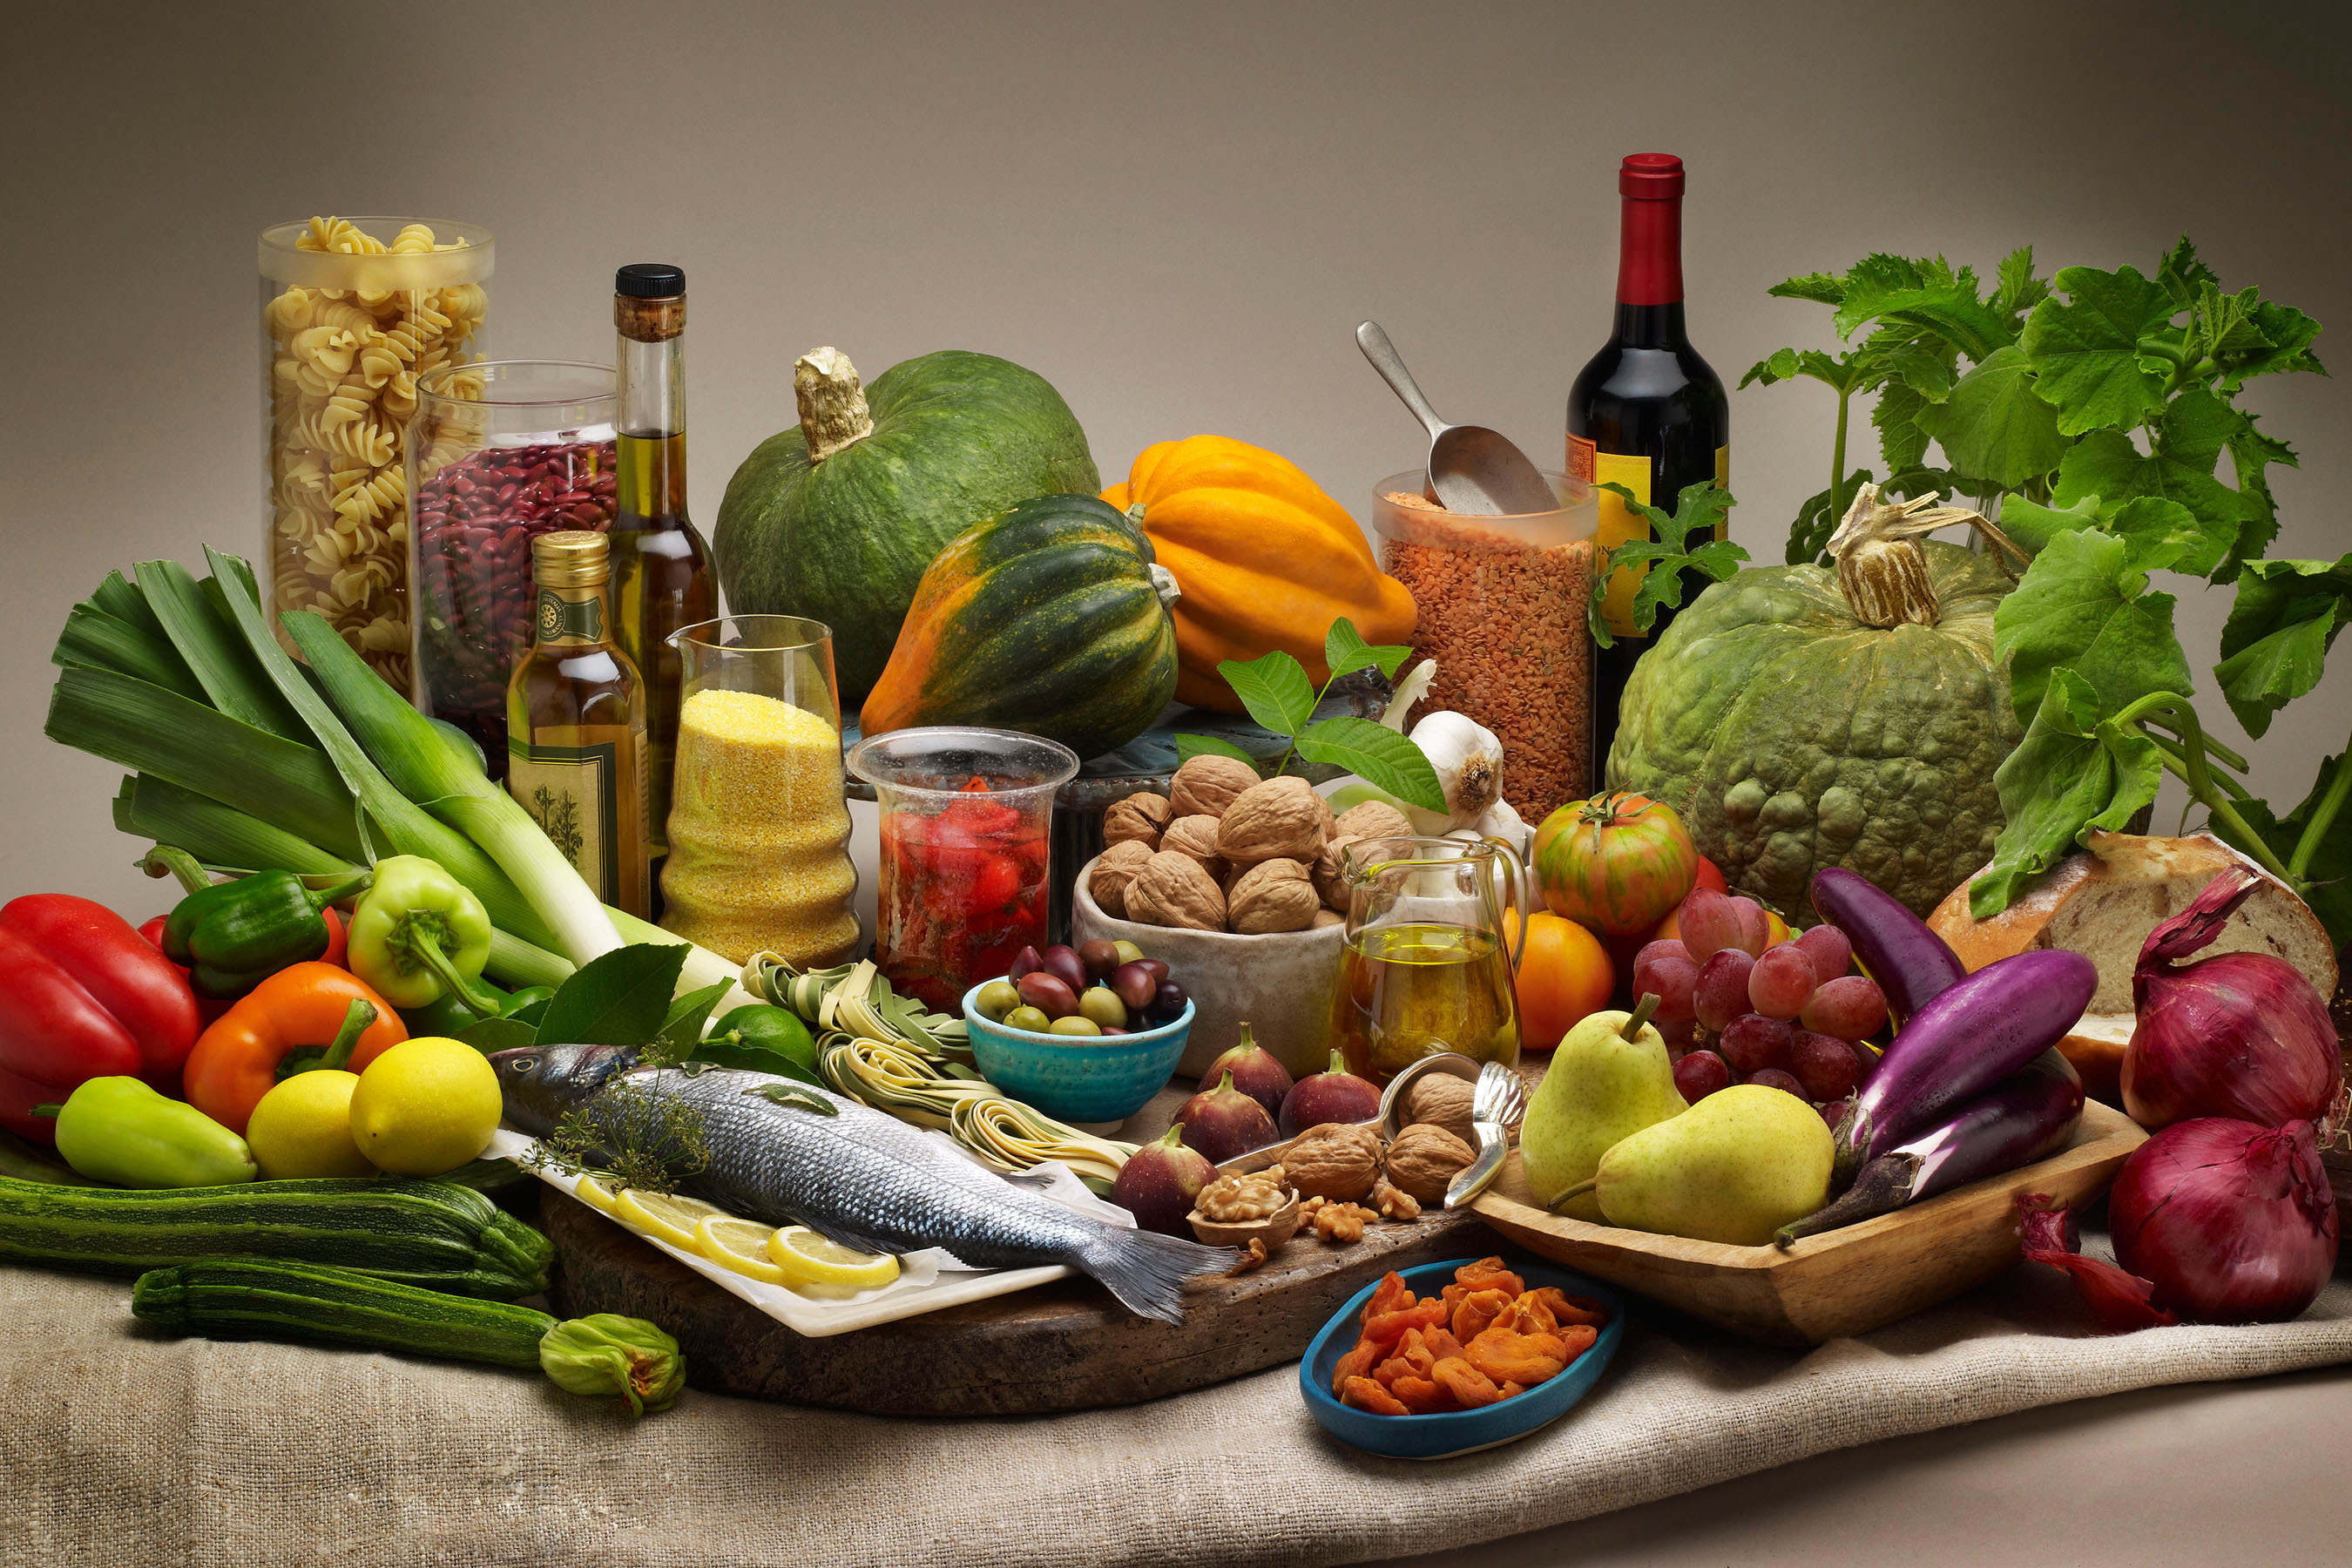 b8c5a41f184 ... novoroční záchvat cvičení a zdravého stravování začíná opadat. Ale kdo  opravdu chce